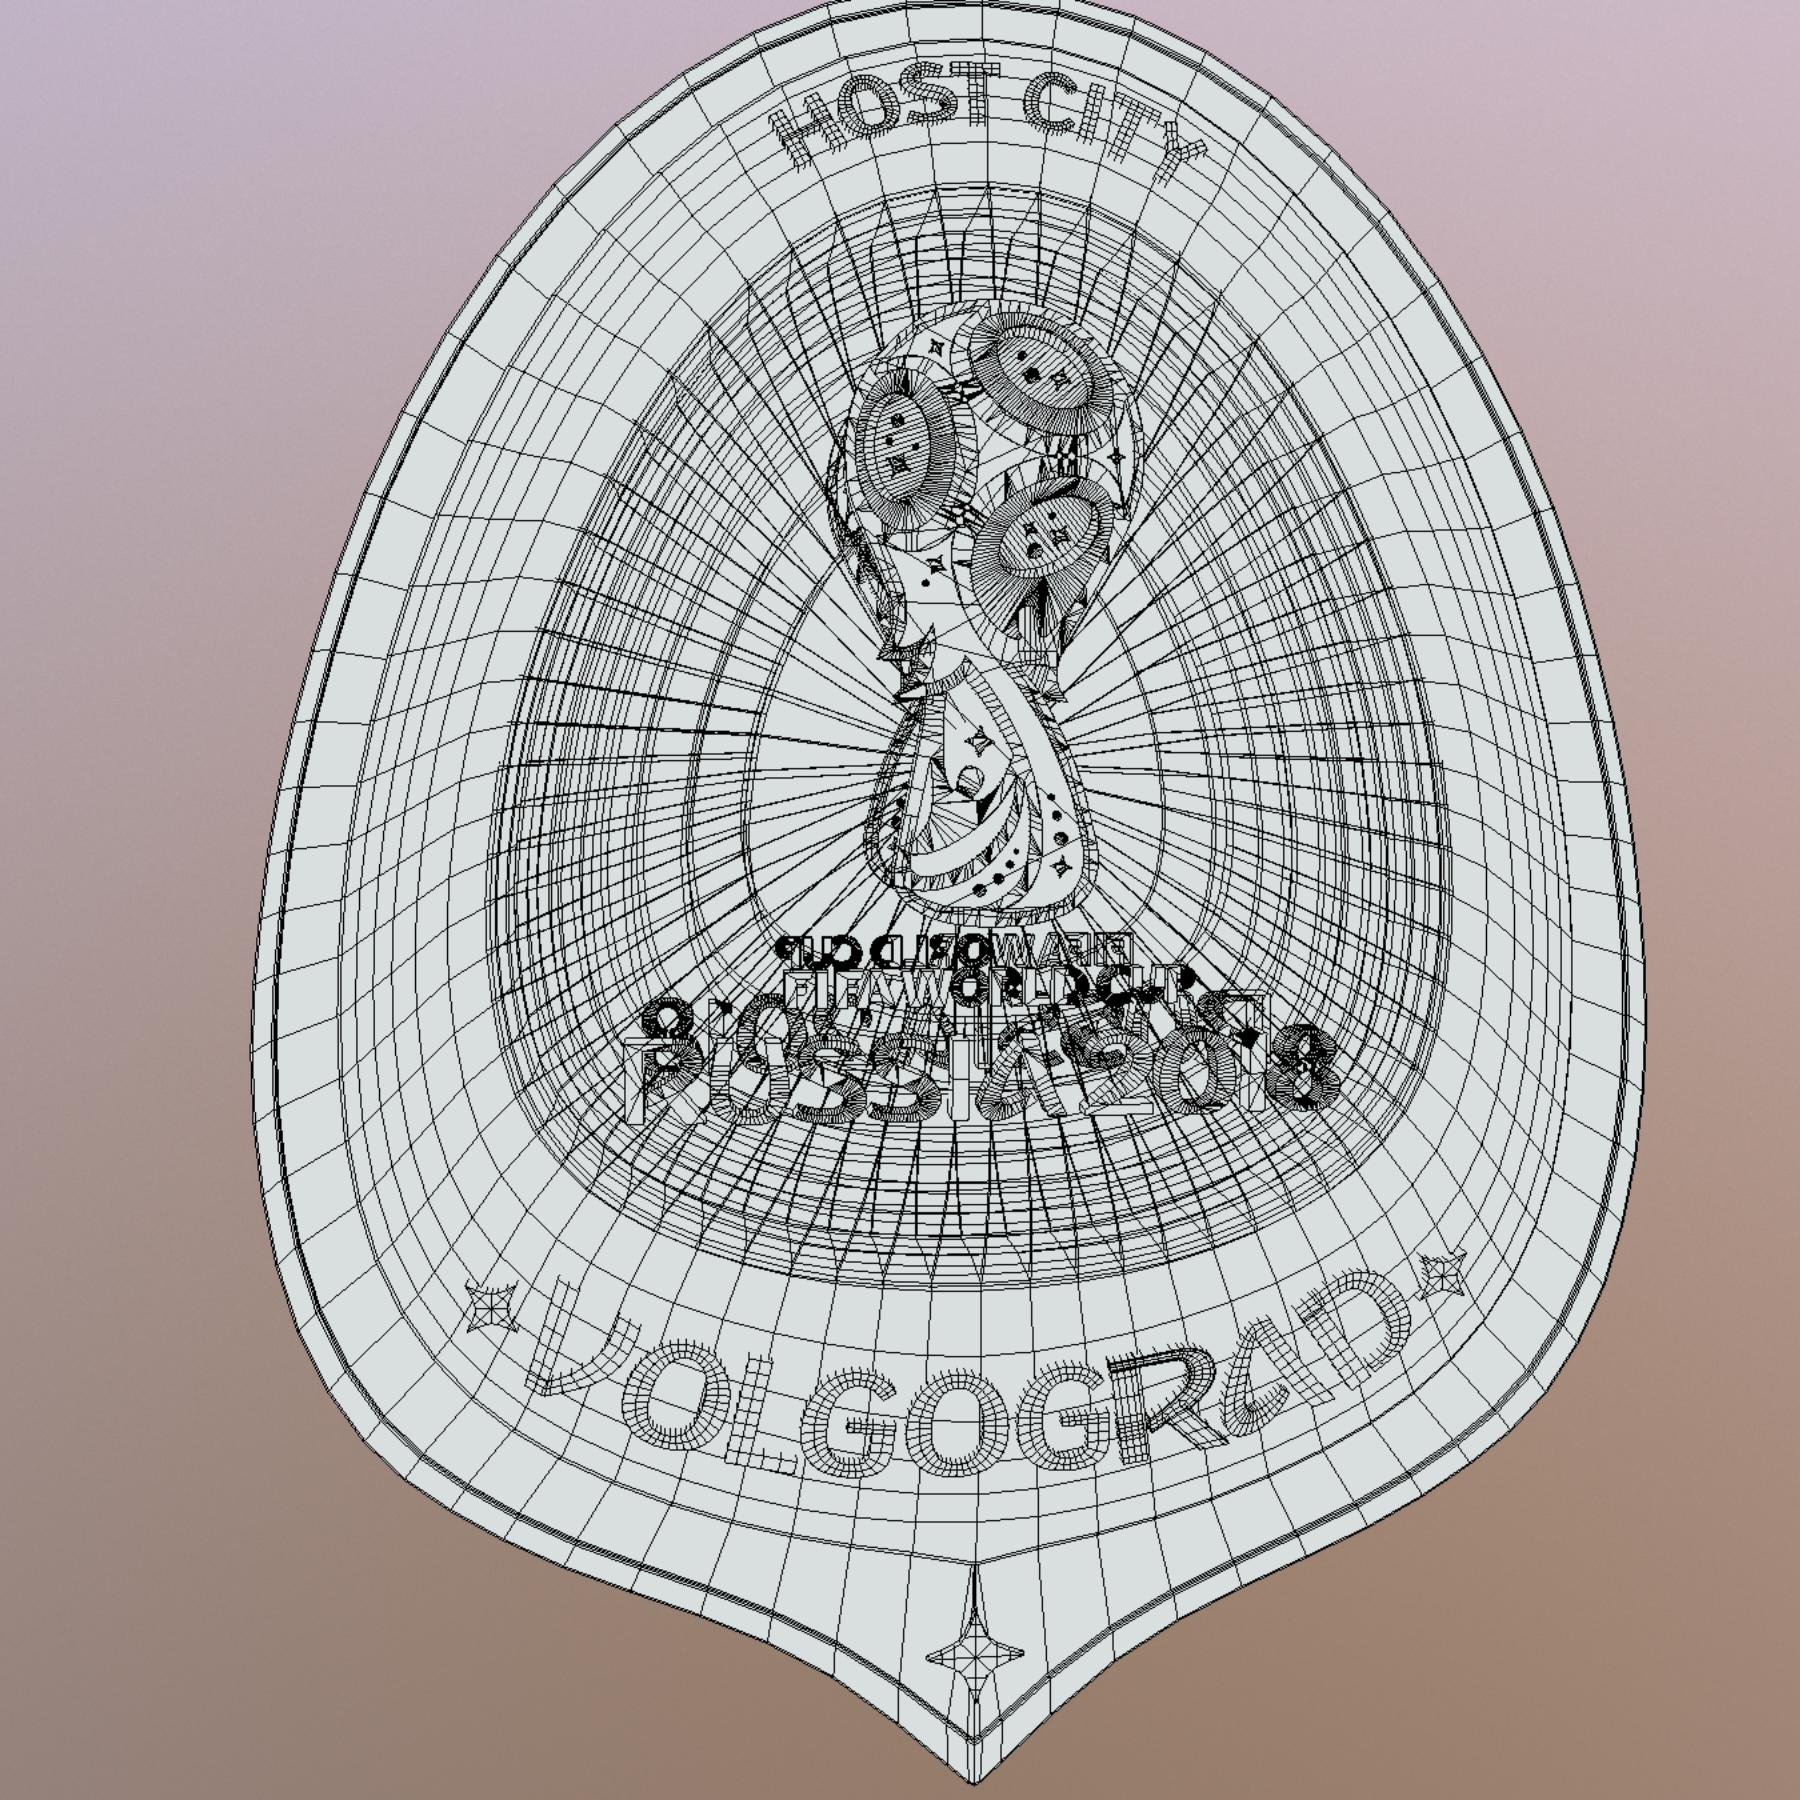 volgograd host city world cup russia 2018 symbol 3d model max  fbx jpeg jpg ma mb obj 271871